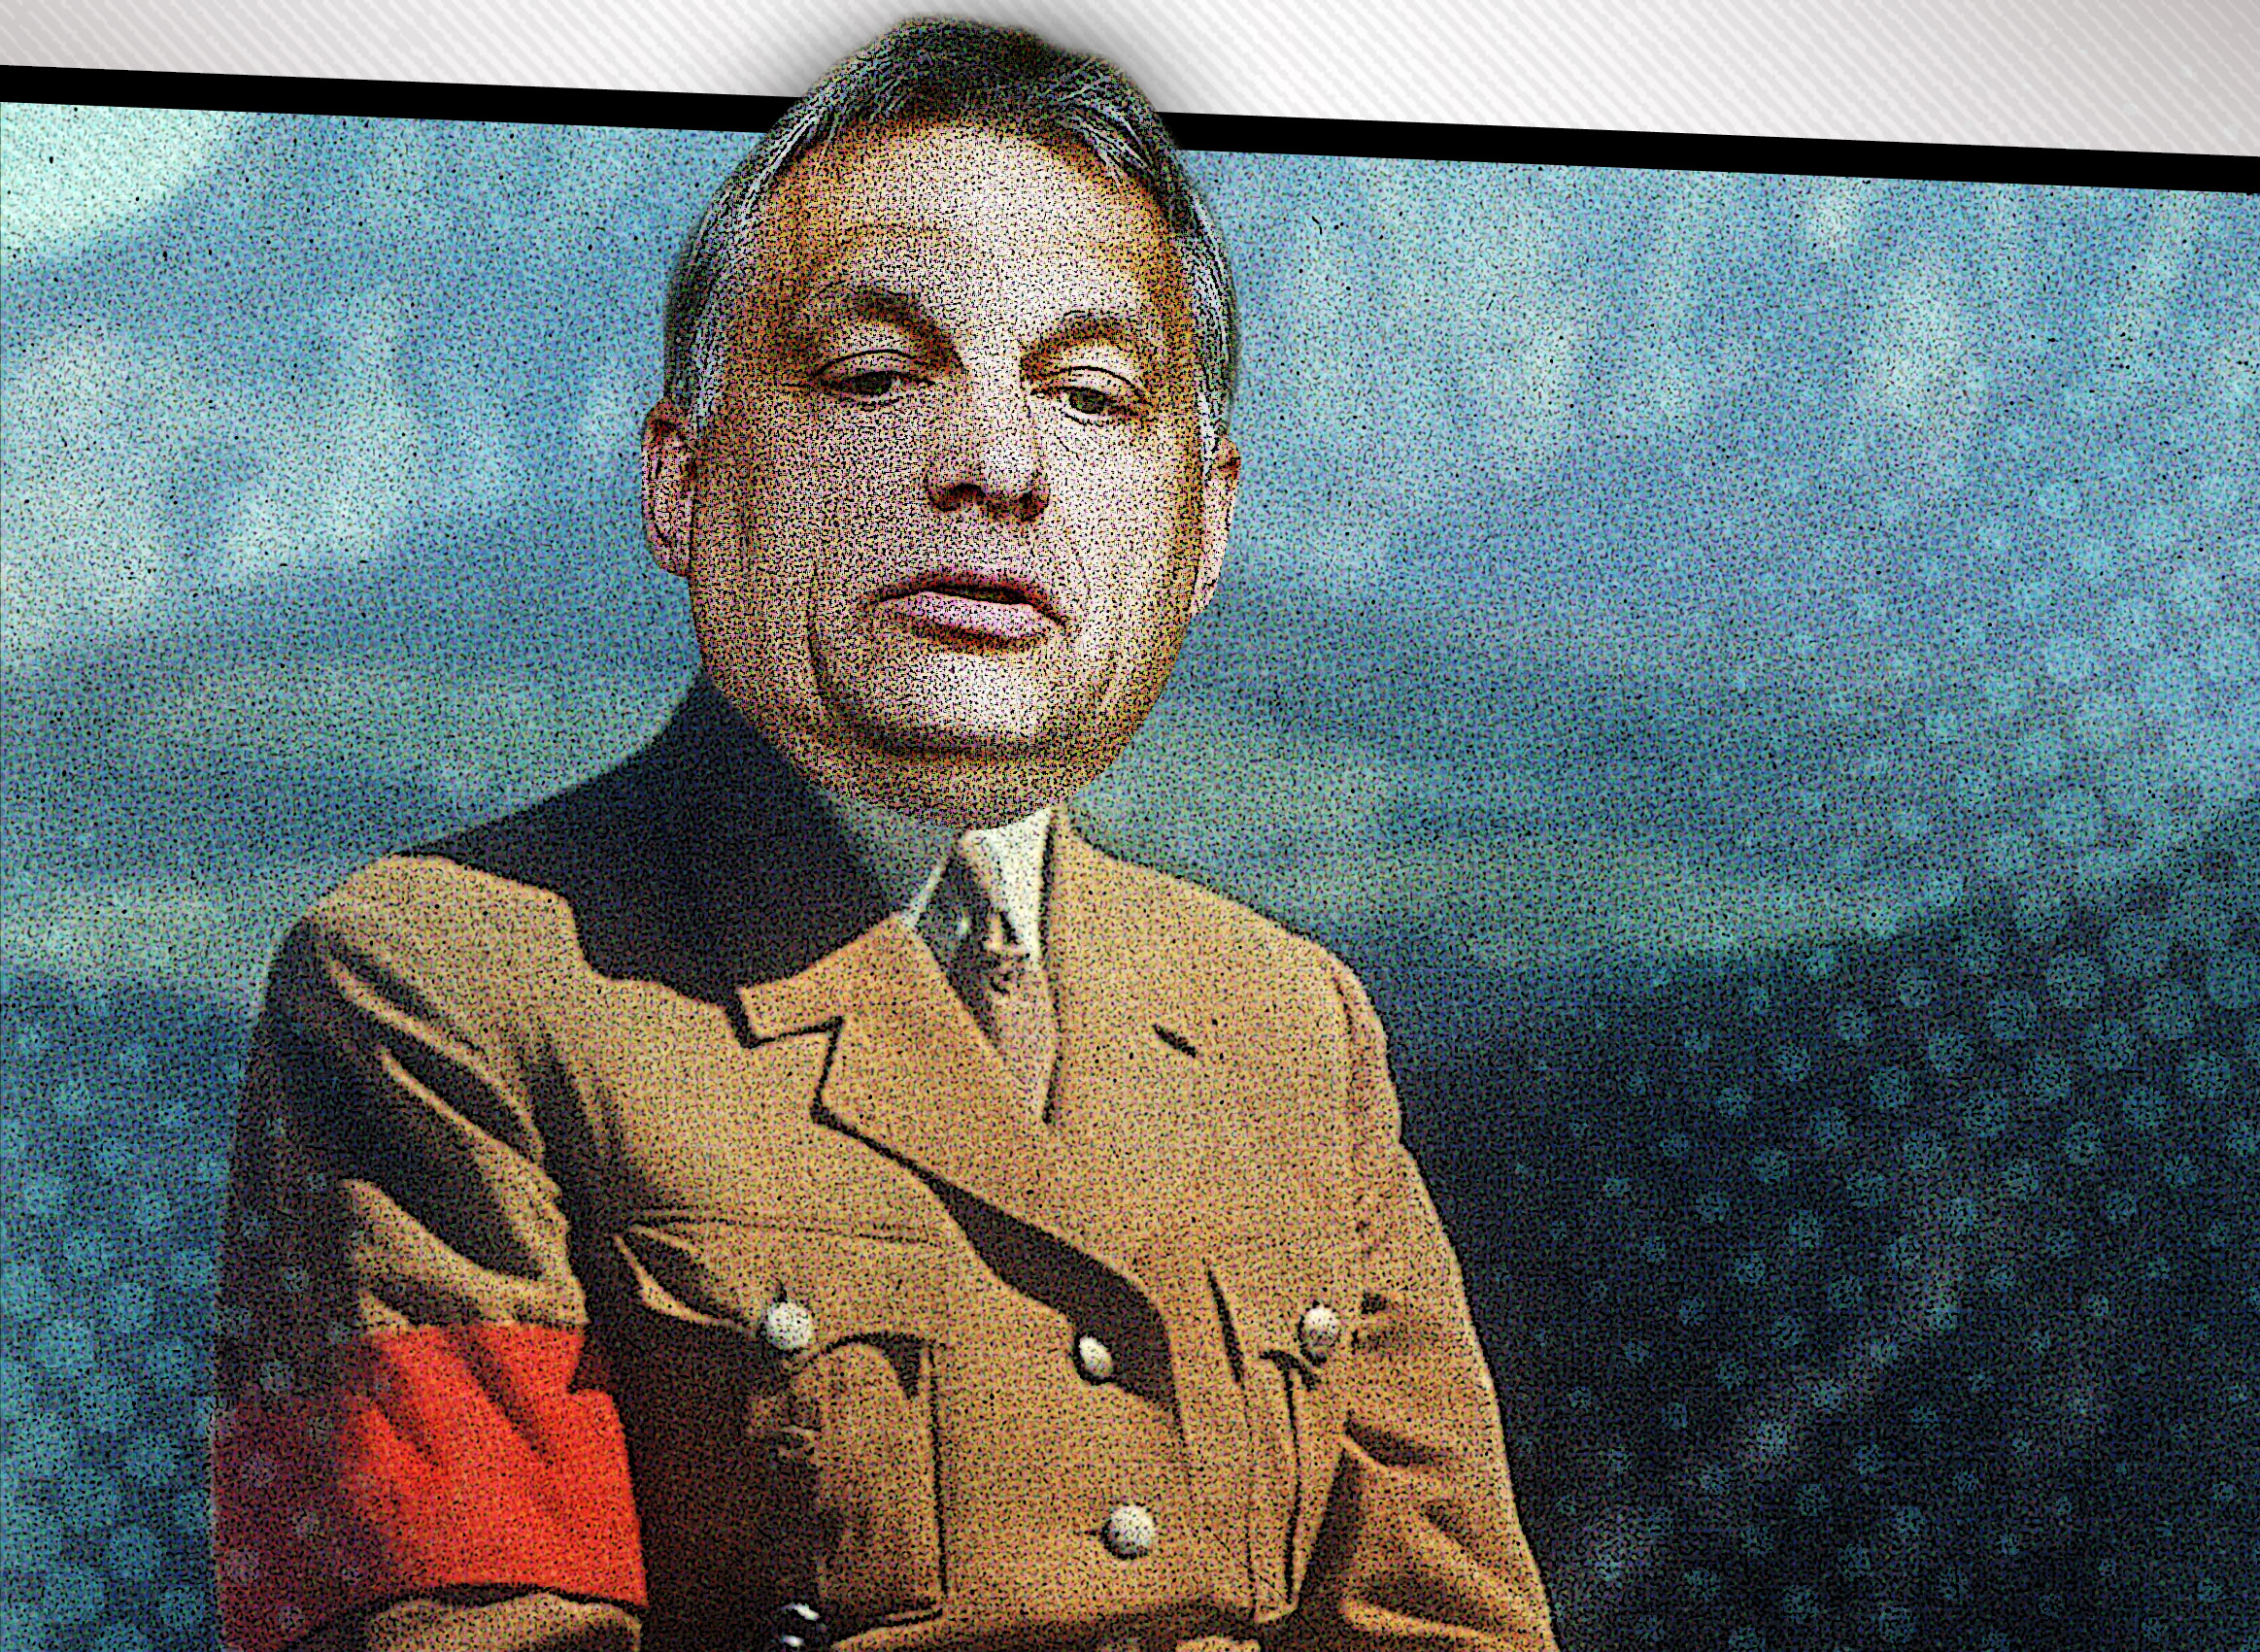 Bergman Kígyótojás című filmje alapmű az Orbán-rendszer megértéséhez